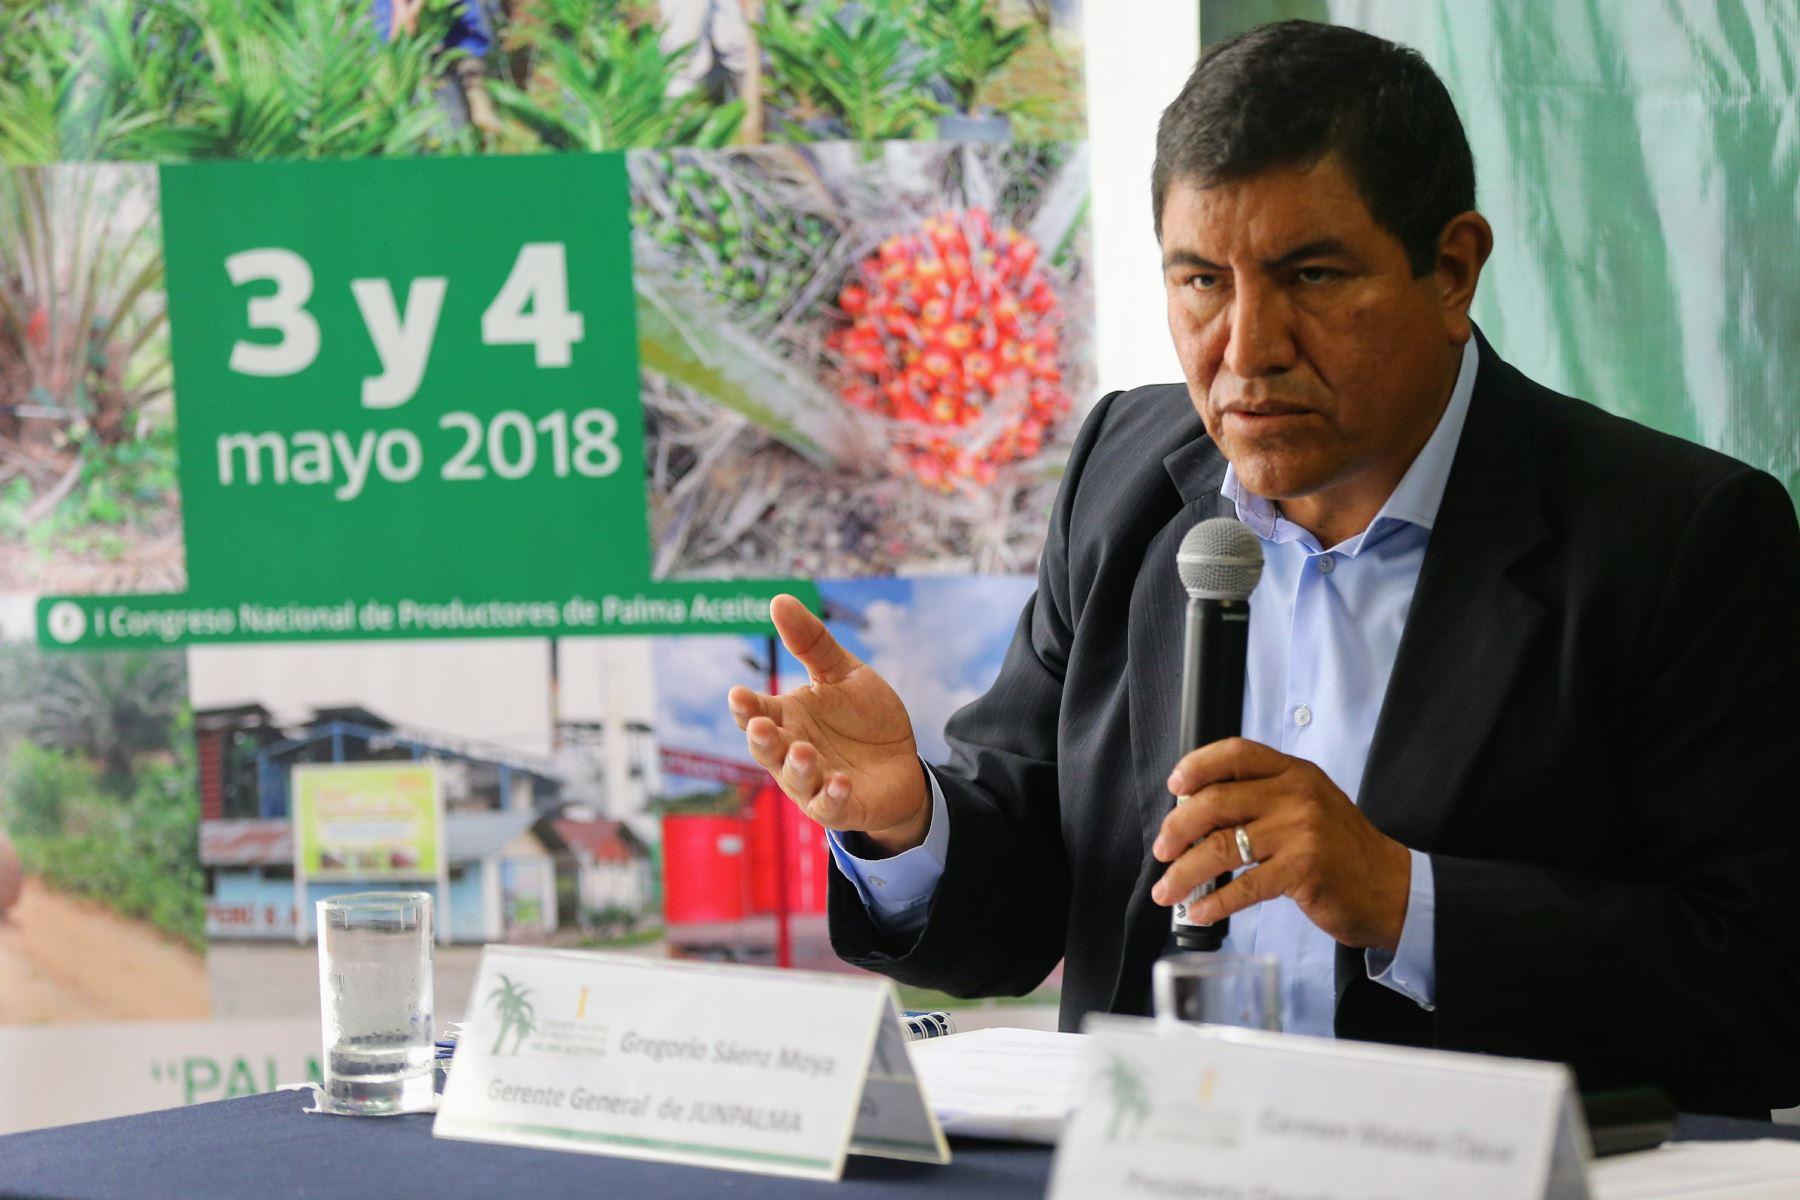 Gerente general de la Junta Nacional de Palma Aceitera del Perú, Gregorio Saénz. ANDINA/Luis Iparraguirre